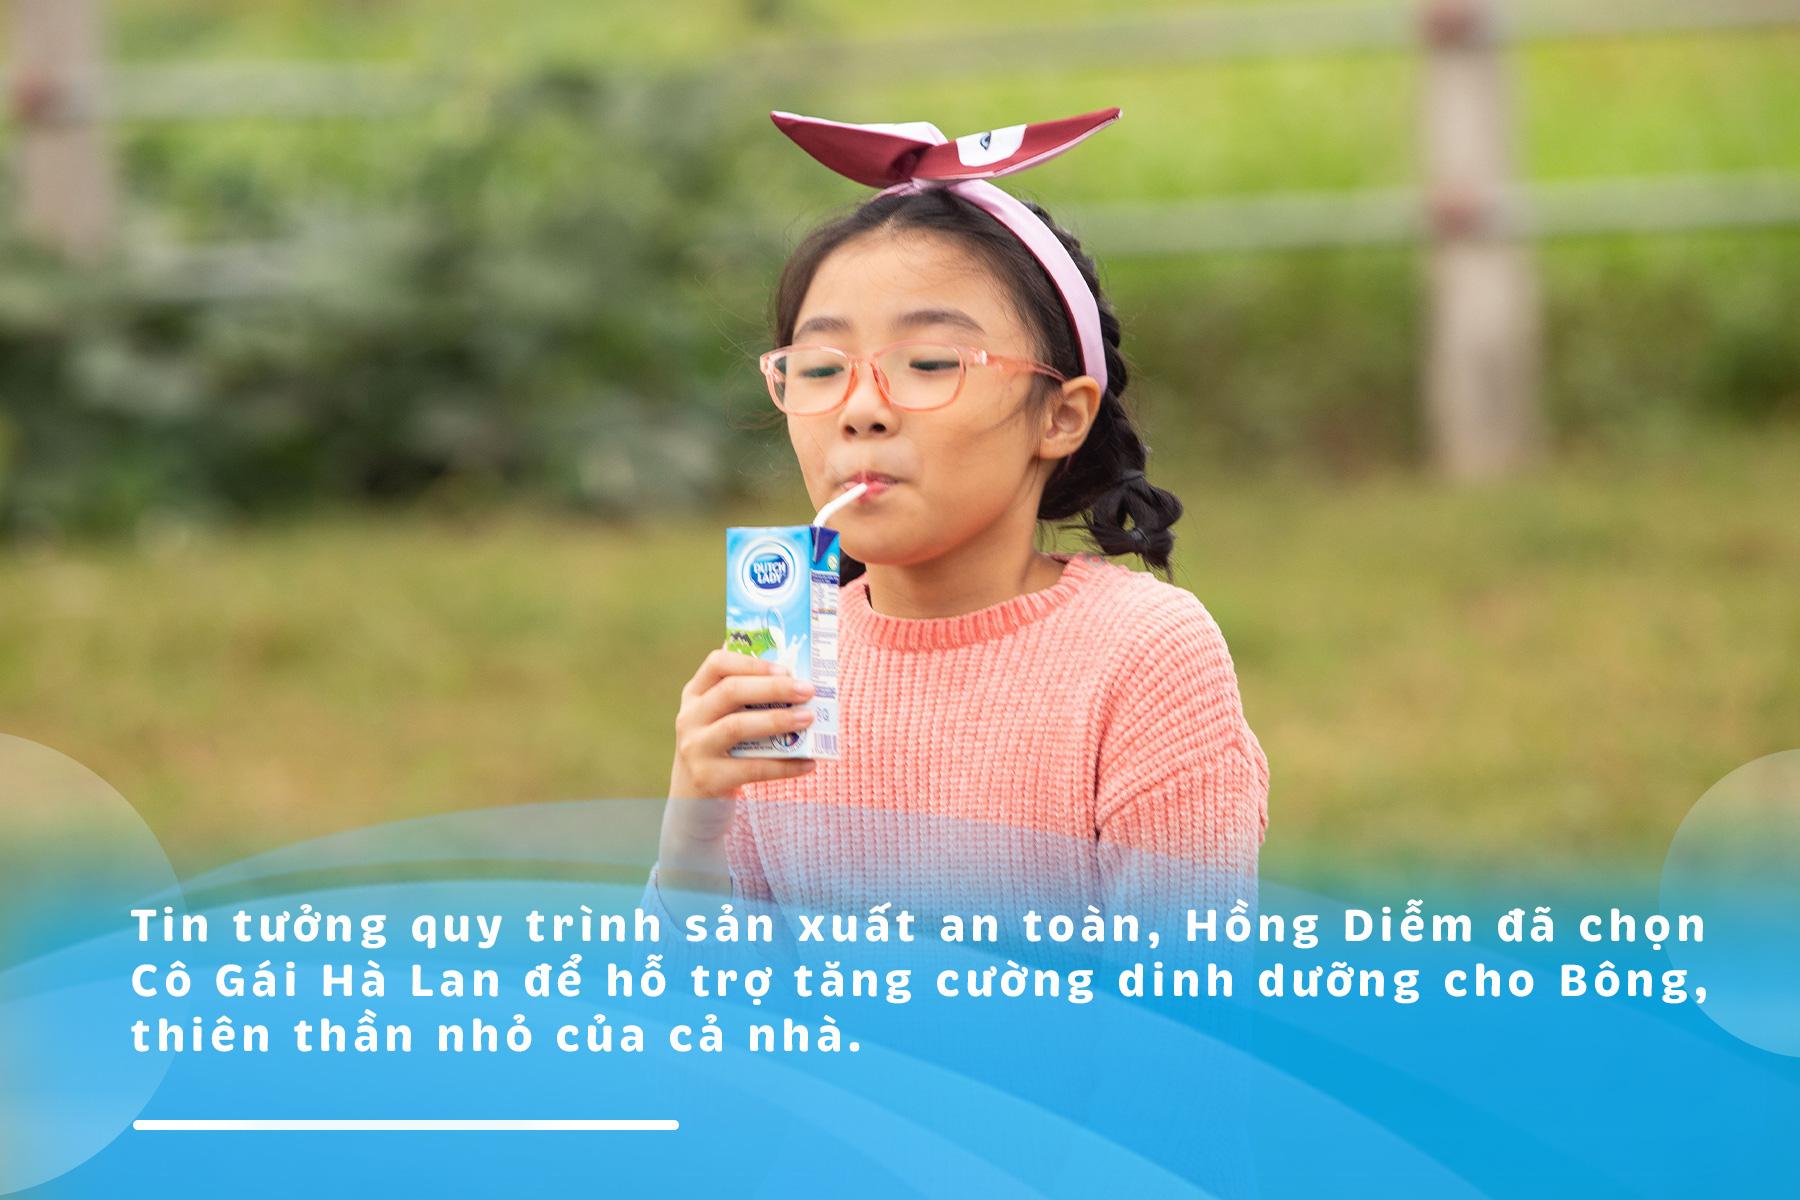 """Nguyên tắc """"2 né 3 nên"""" giúp Hồng Diễm chăm con khỏe mùa dịch - Ảnh 1."""